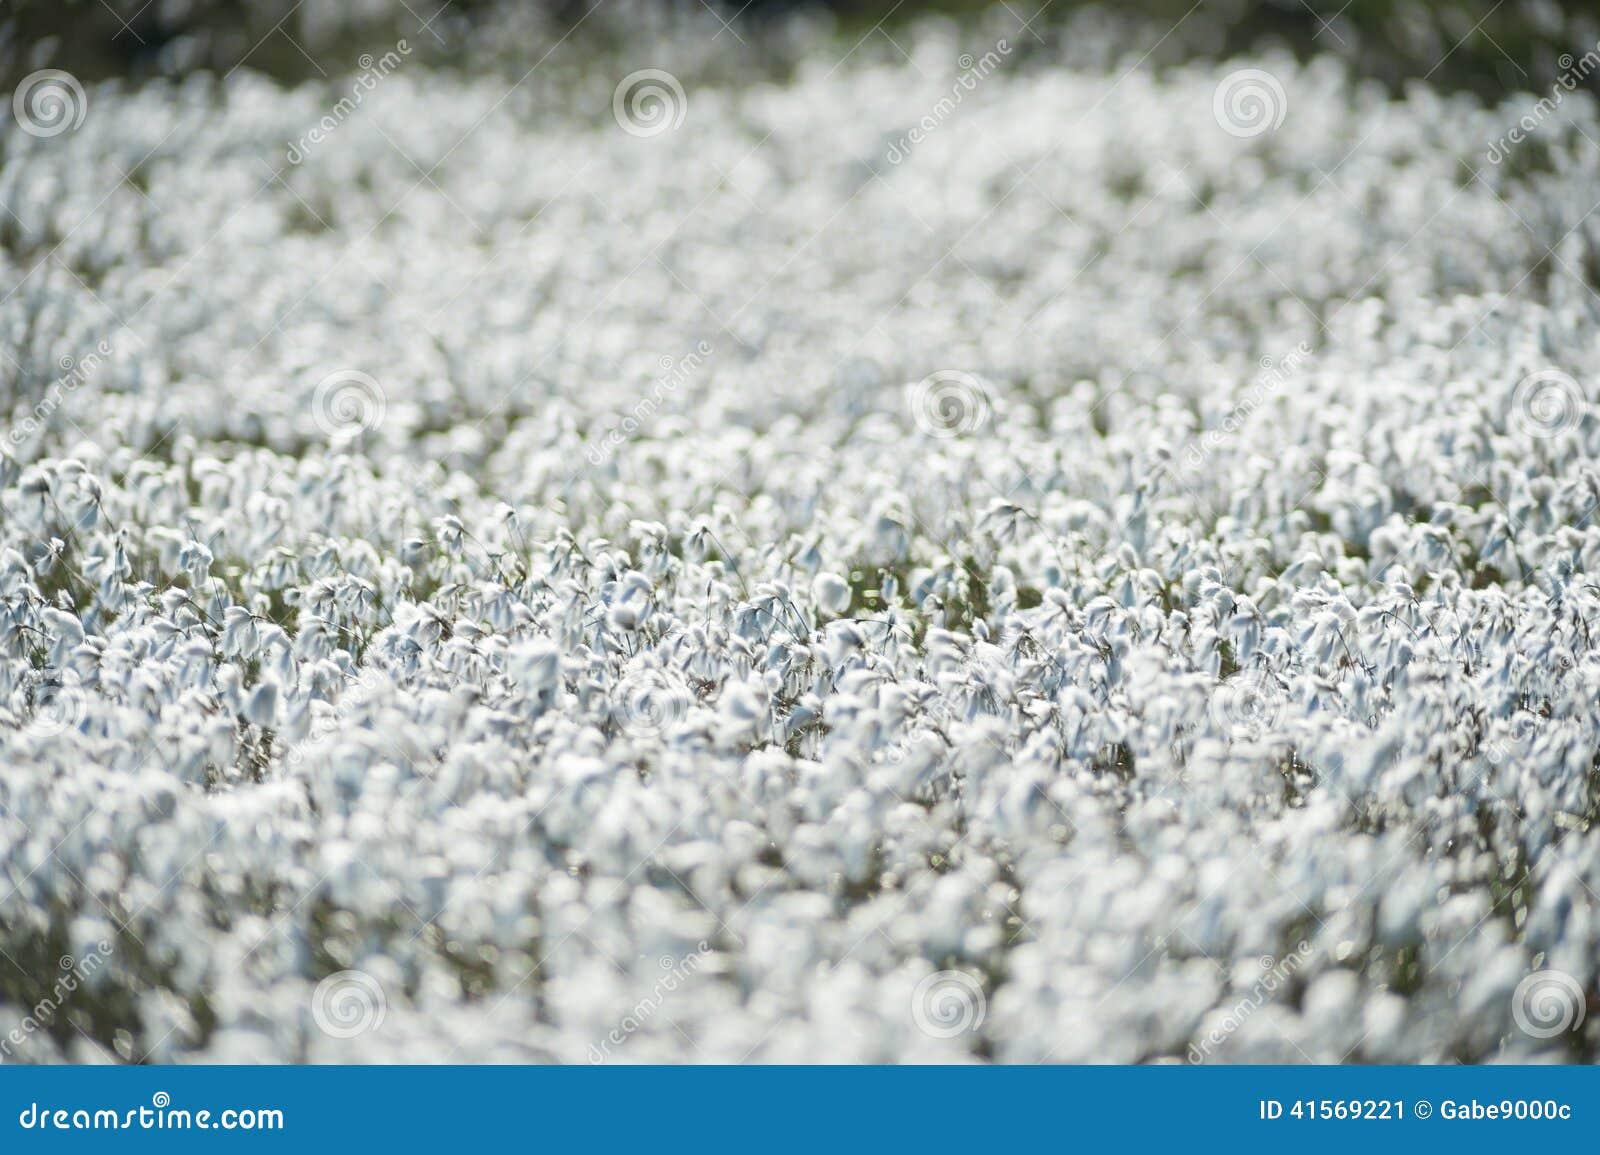 Favori Champ Des Fleurs De Coton De Marais Image stock - Image: 41569221 TO77